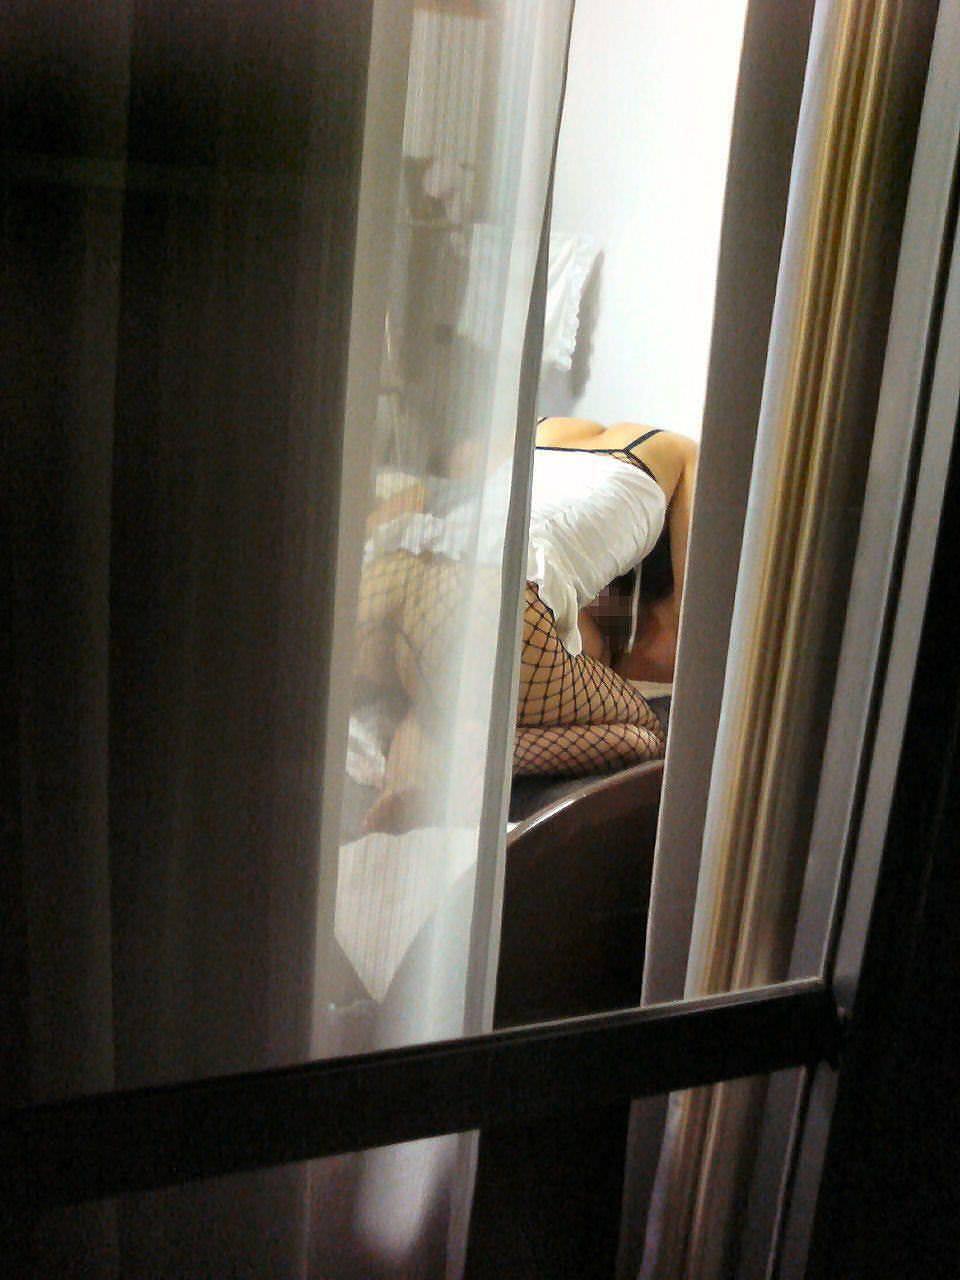 近所に住む女子大生の部屋やお風呂を隠し撮りしたエロ画像 216